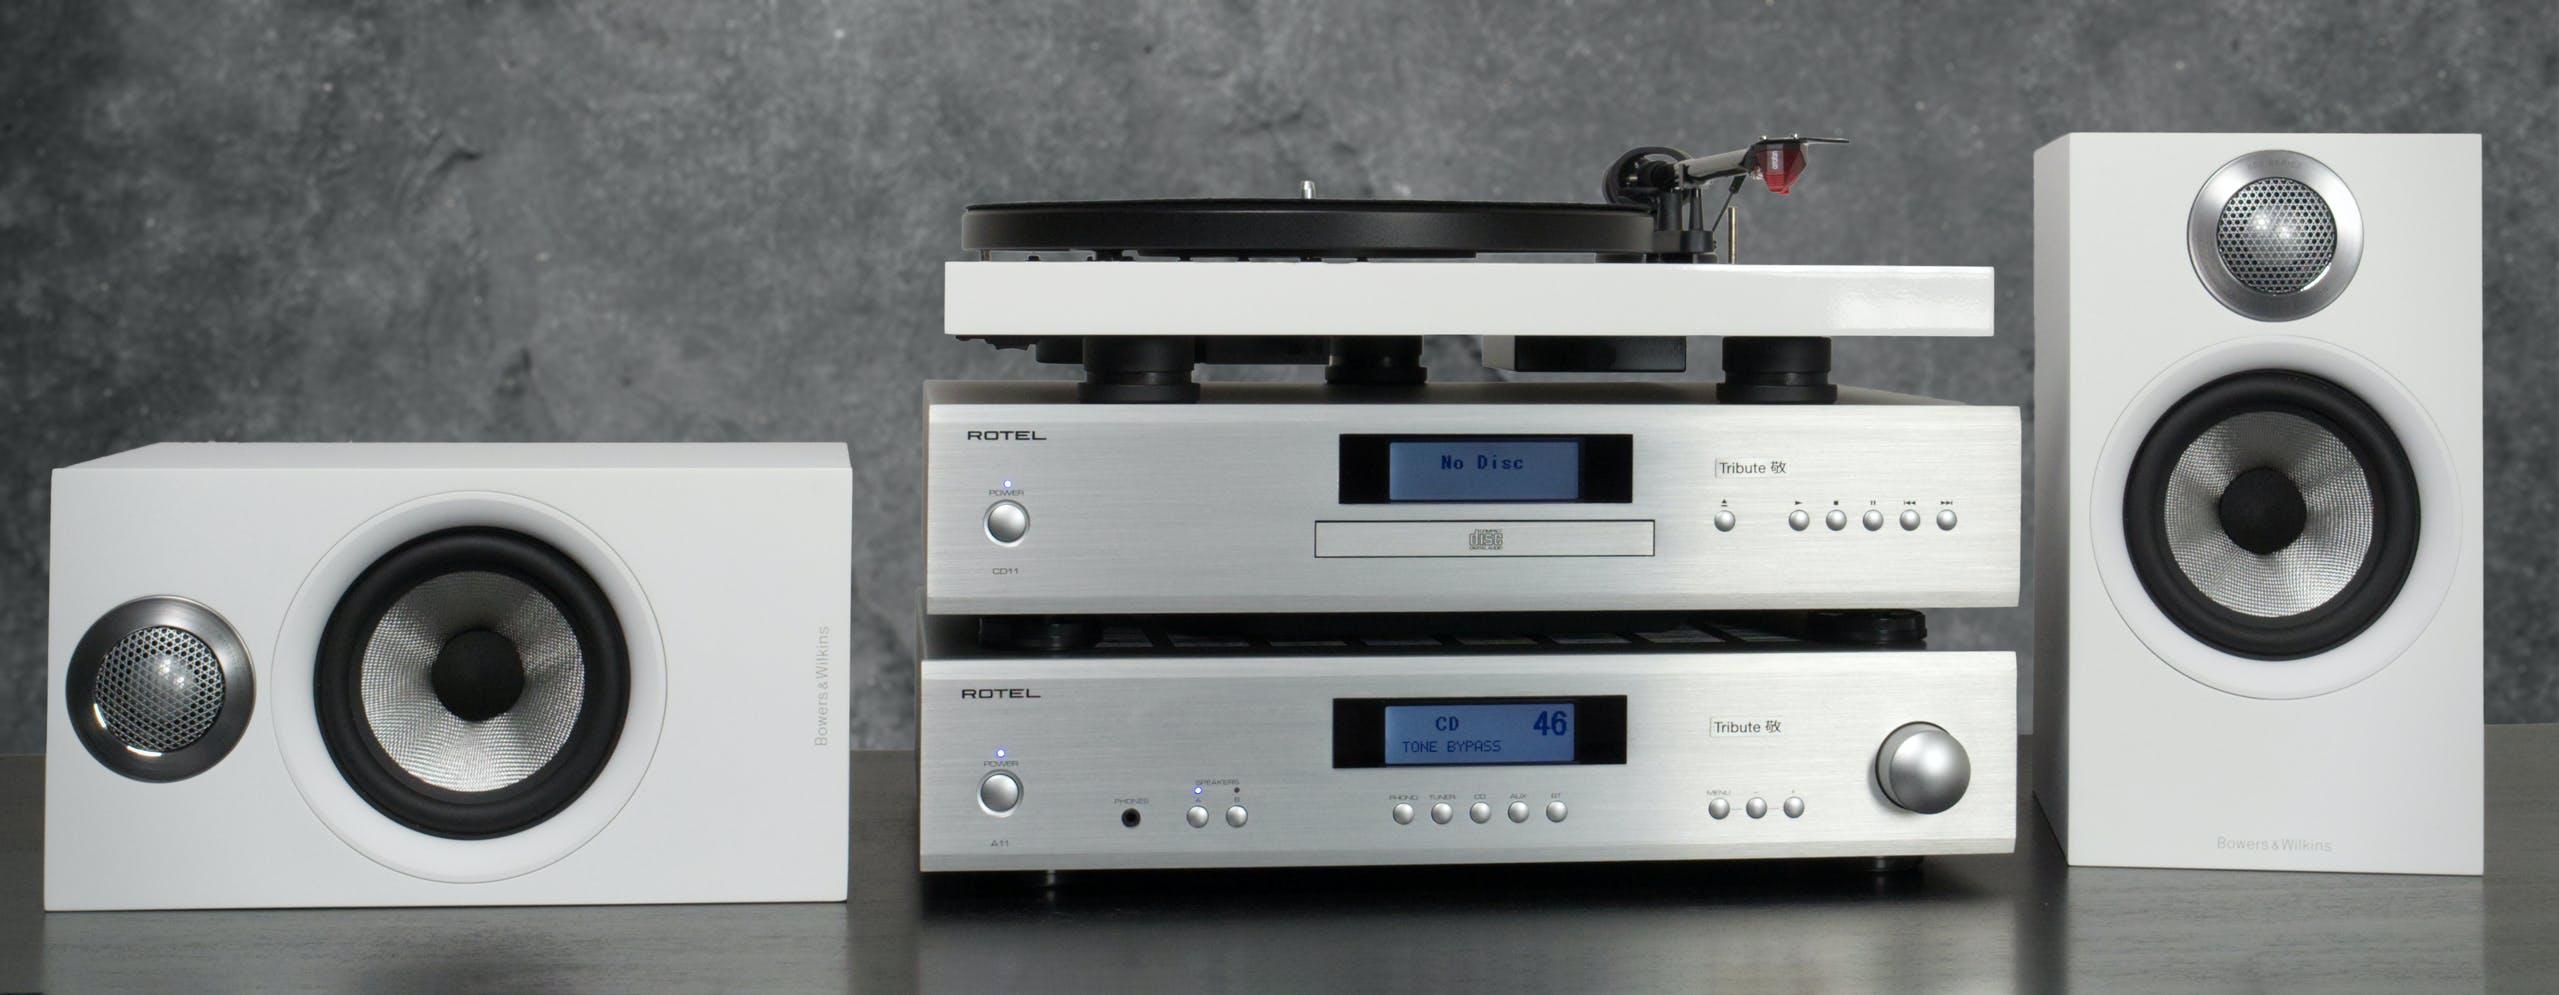 Rotel Tribute, Project Debut Evo, B&W 600 Anniversary: il sistema stereo con qualcosa in più